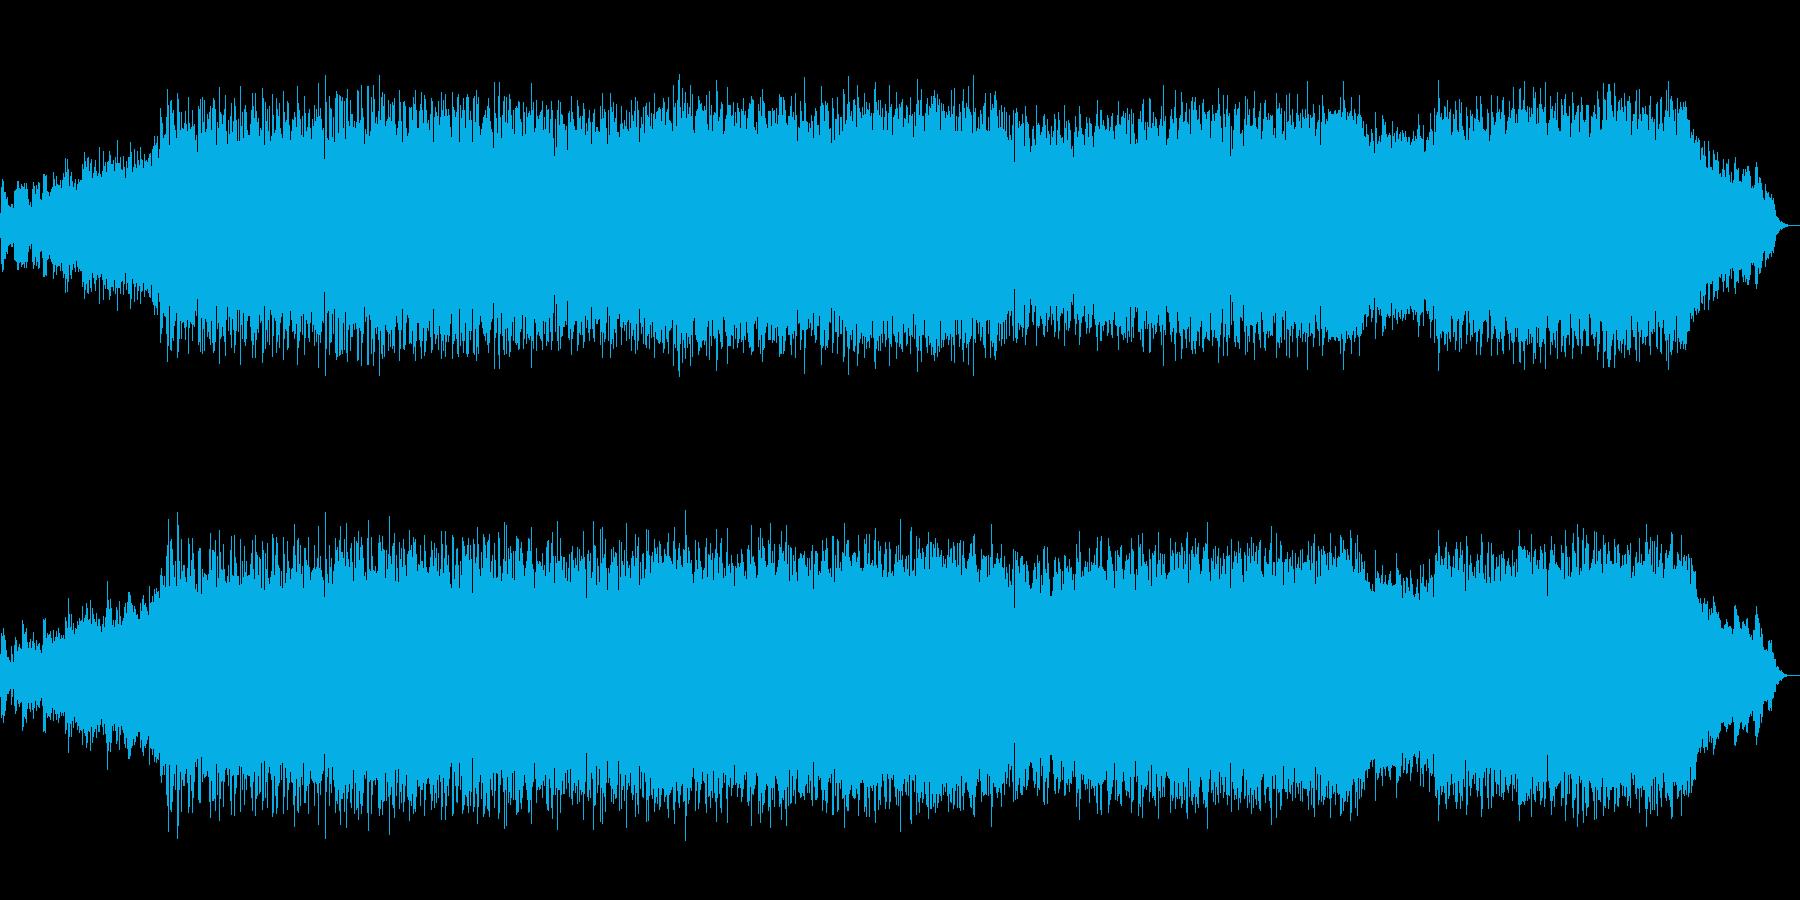 生演奏バイオリンの近未来的ドラムンベースの再生済みの波形